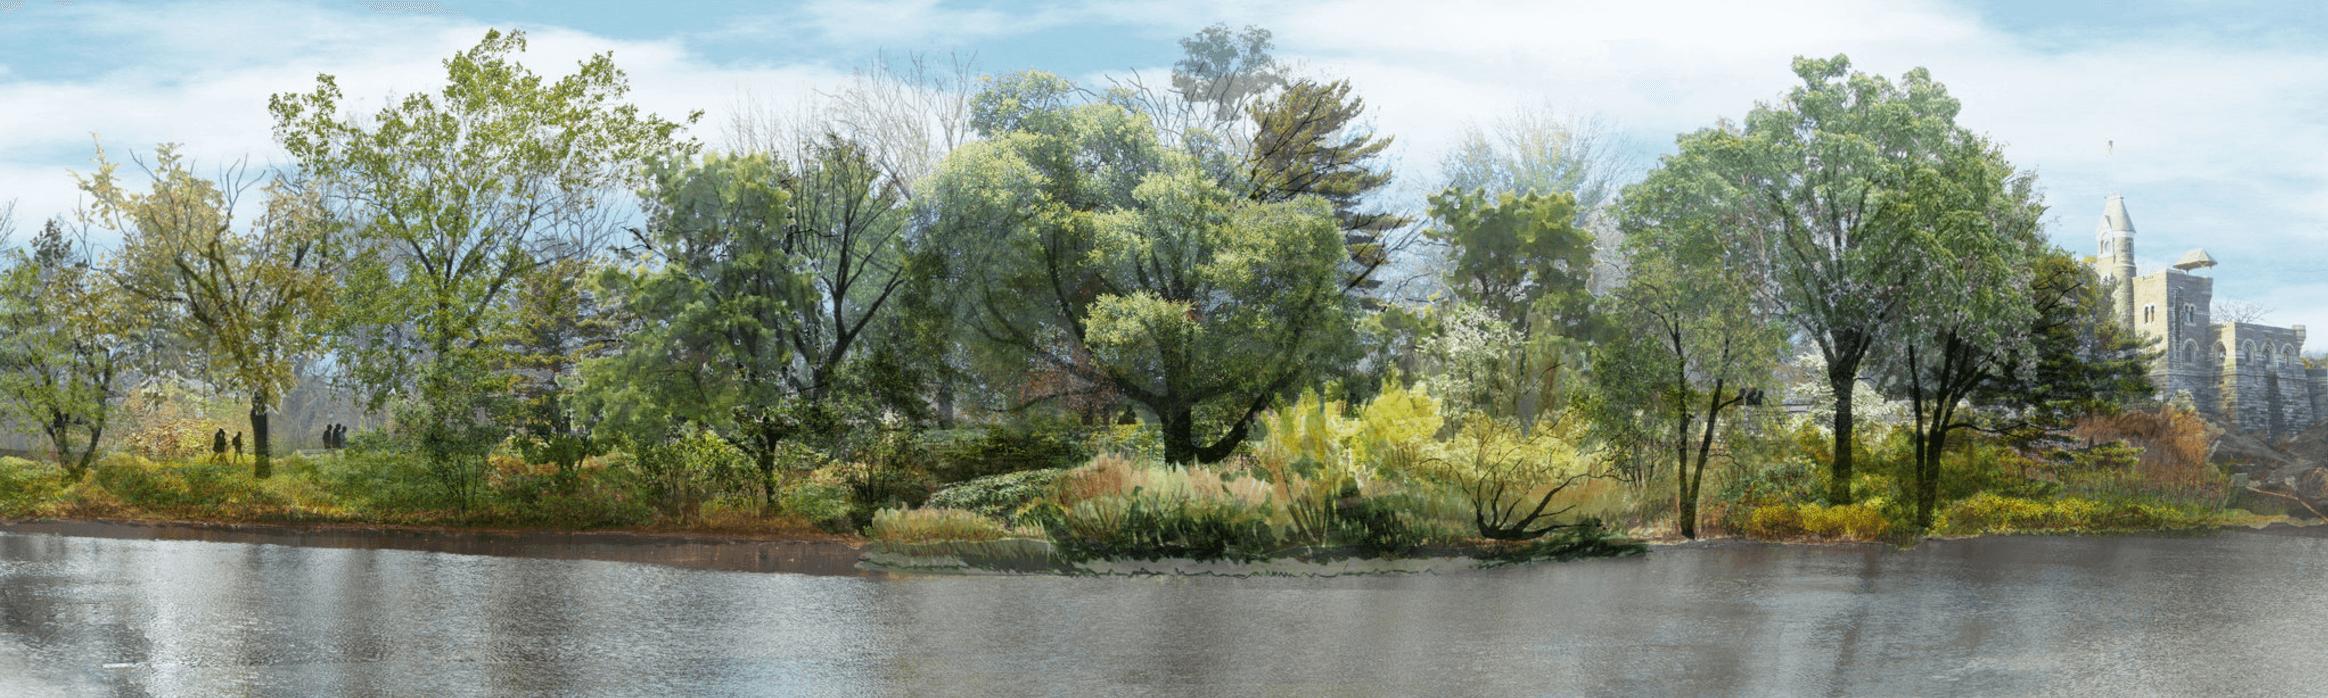 Belvedere Castle, Central Park, Central Park Conservancy